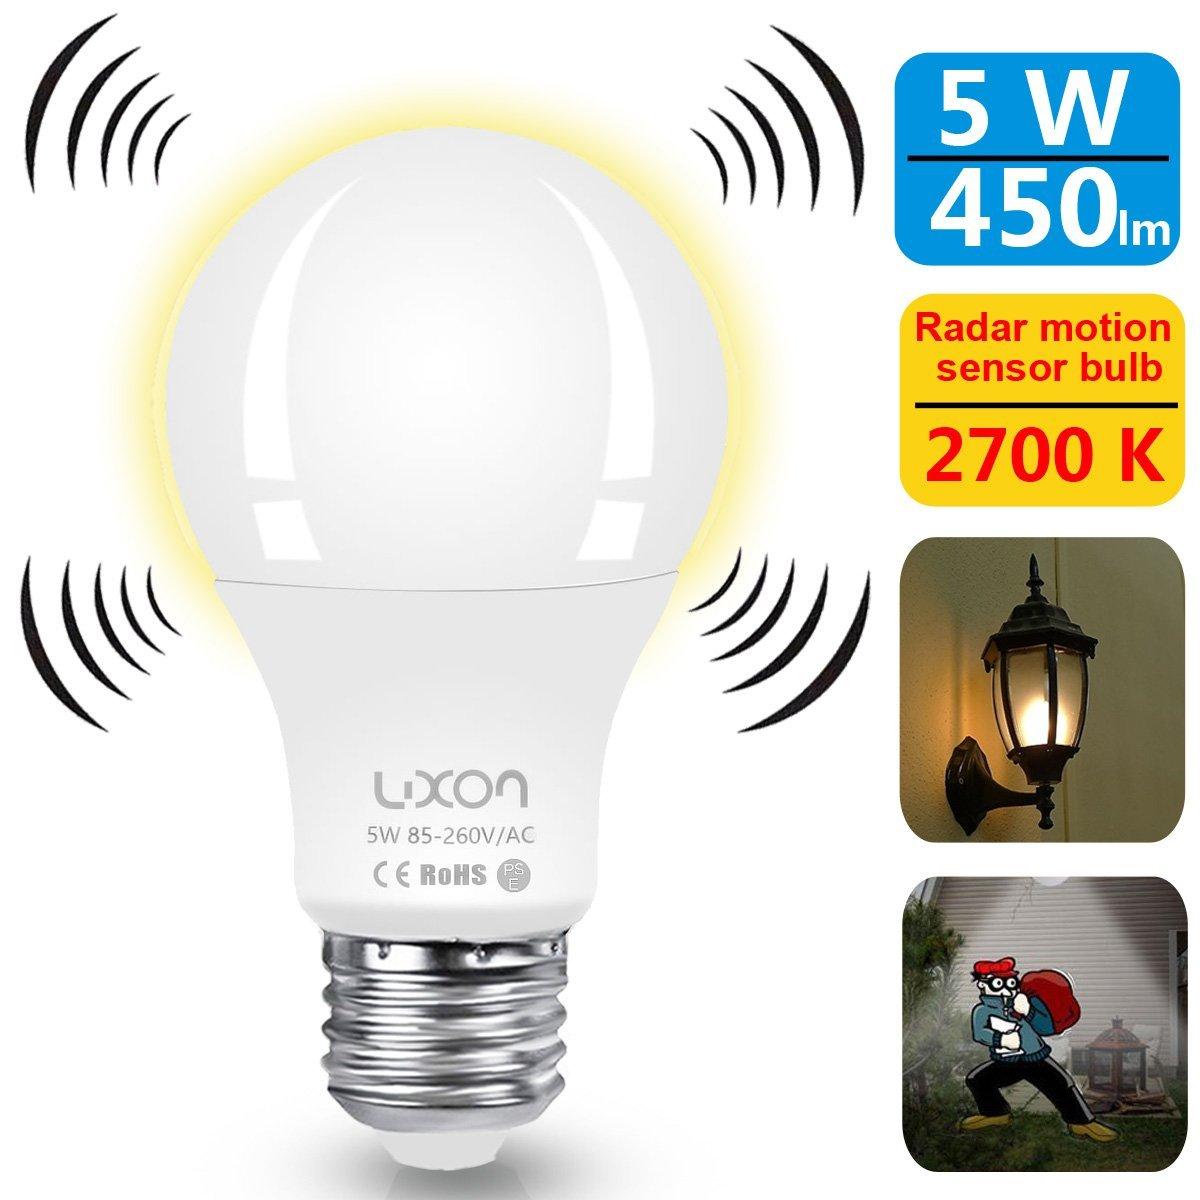 Home Security Gadgets radar motion sensor bulb